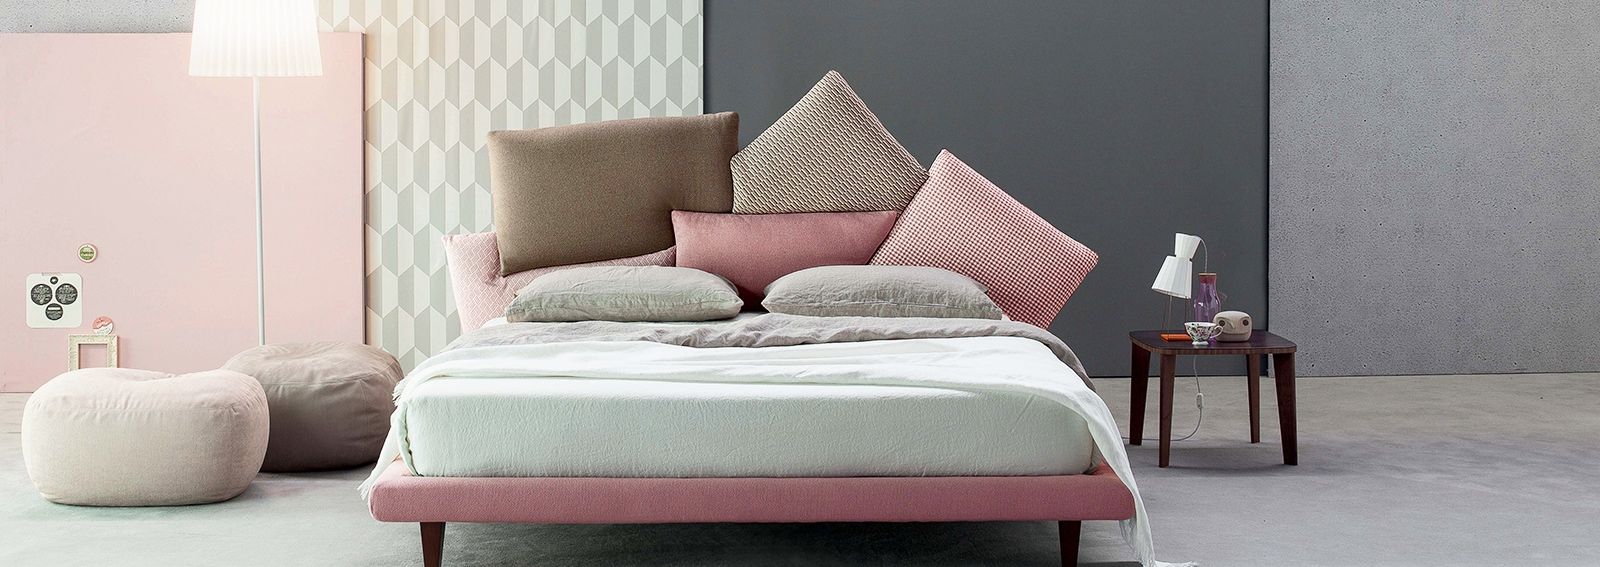 Camere da letto moderne: le novità più belle - Grazia